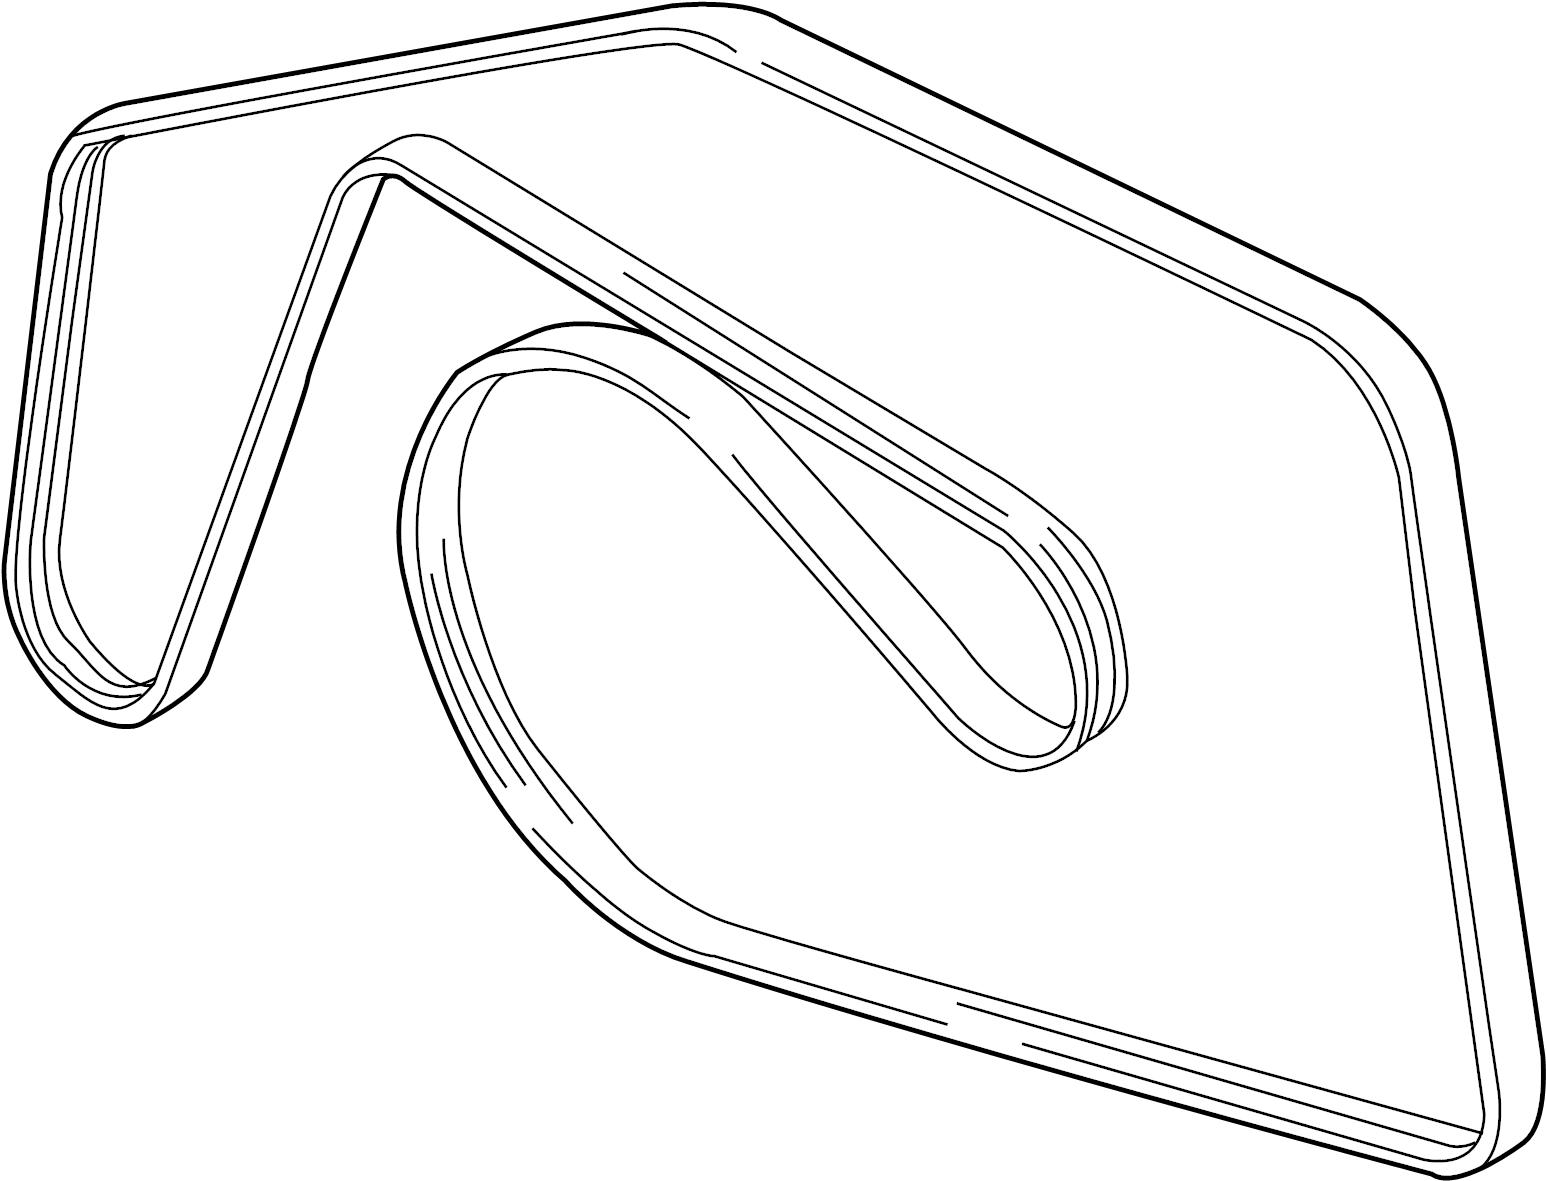 tags: #1992 ford f 150 serpentine belt diagram#1997 f150 serpentine belt  noac#ford escape serpentine belt diagram#ford belt routing diagram#ford f  150